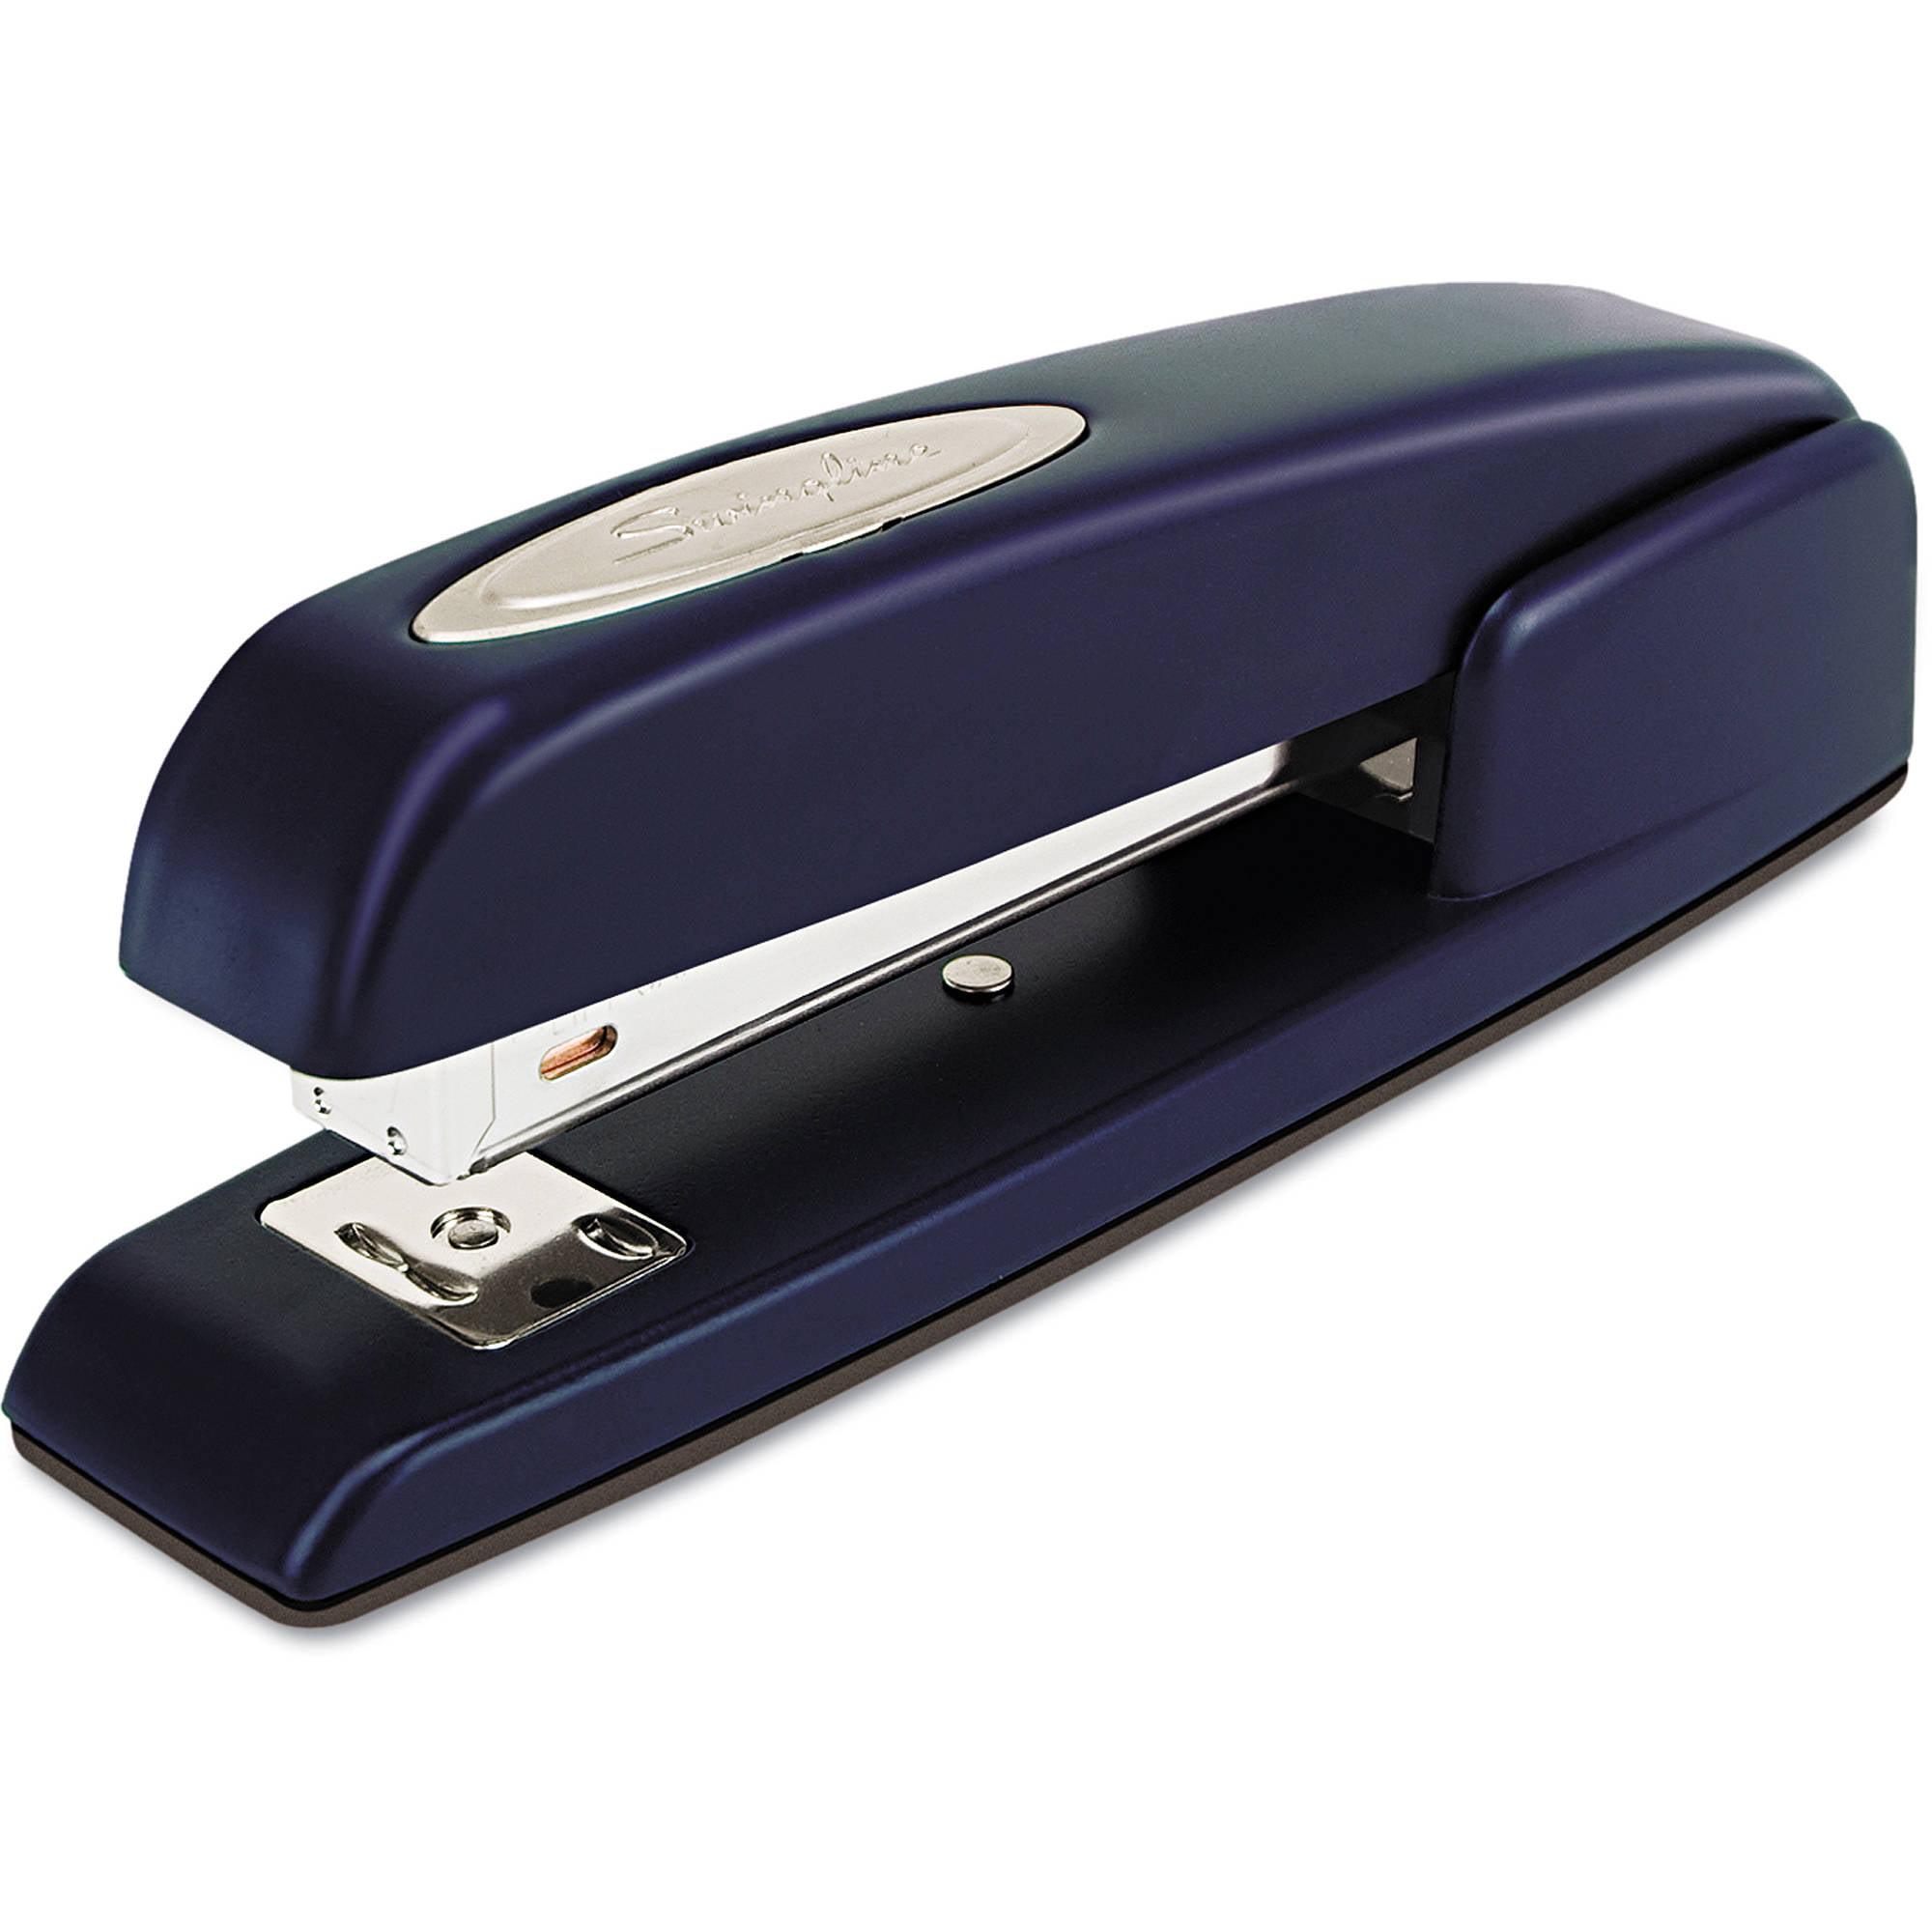 Swingline Commercial Stapler Sheet Capacity